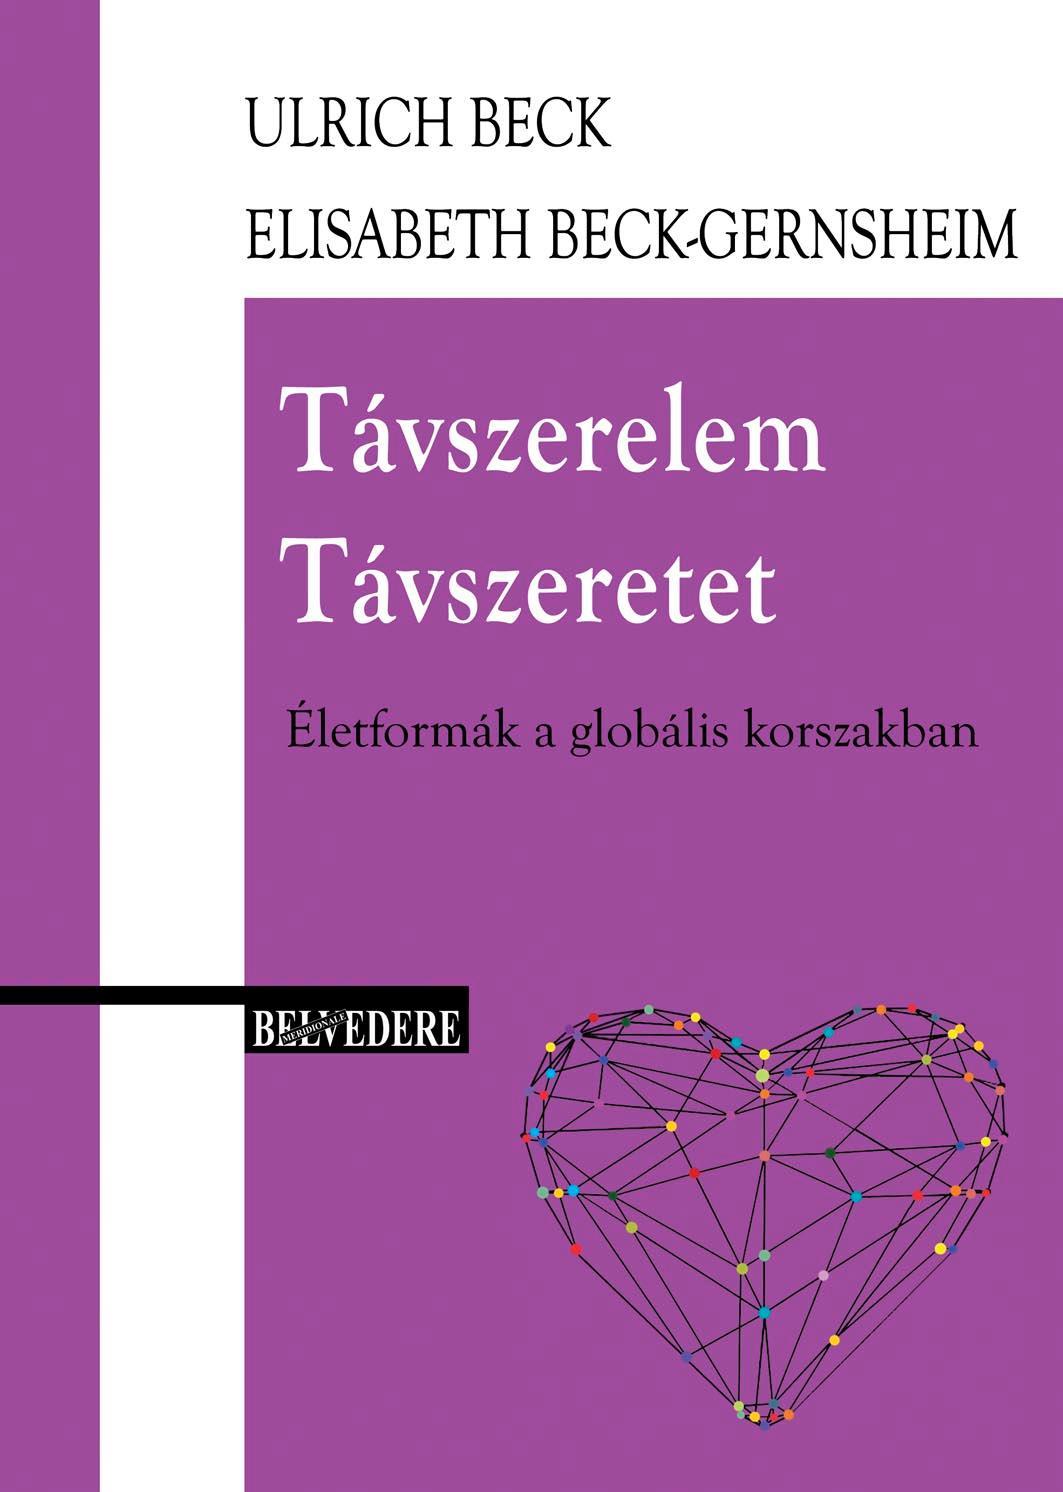 TÁVSZERELEM - TÁVSZERETET